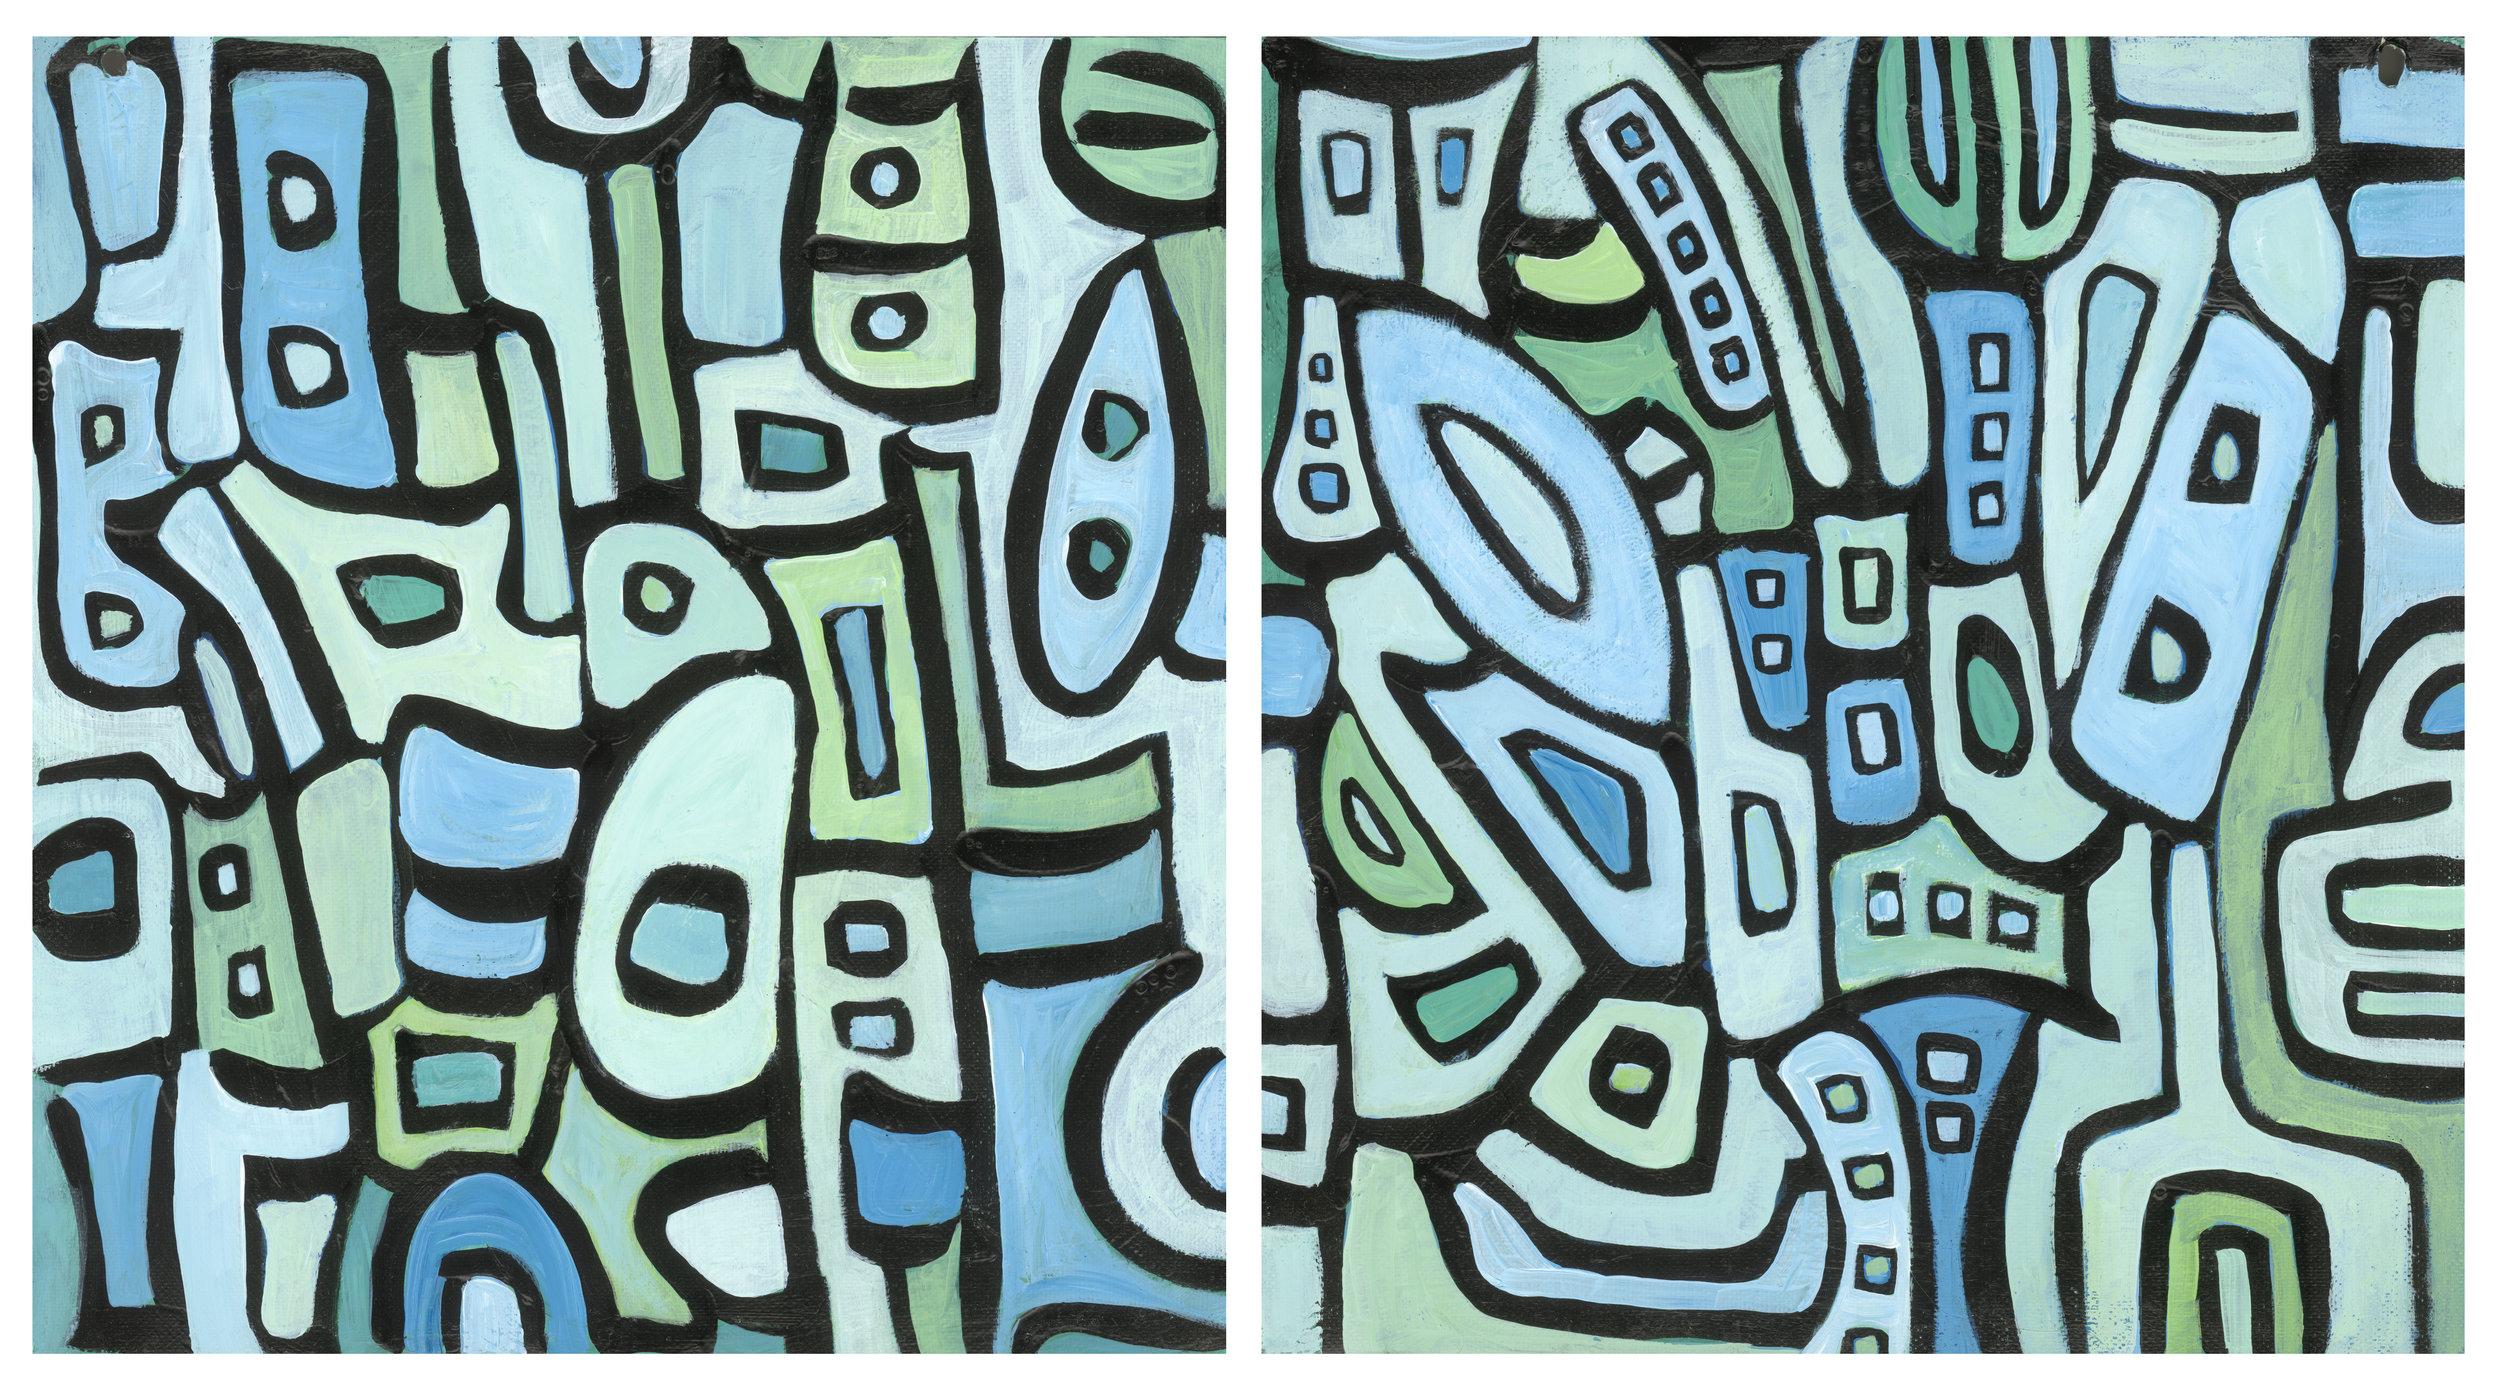 Mumba; Mumba-ya, 2000